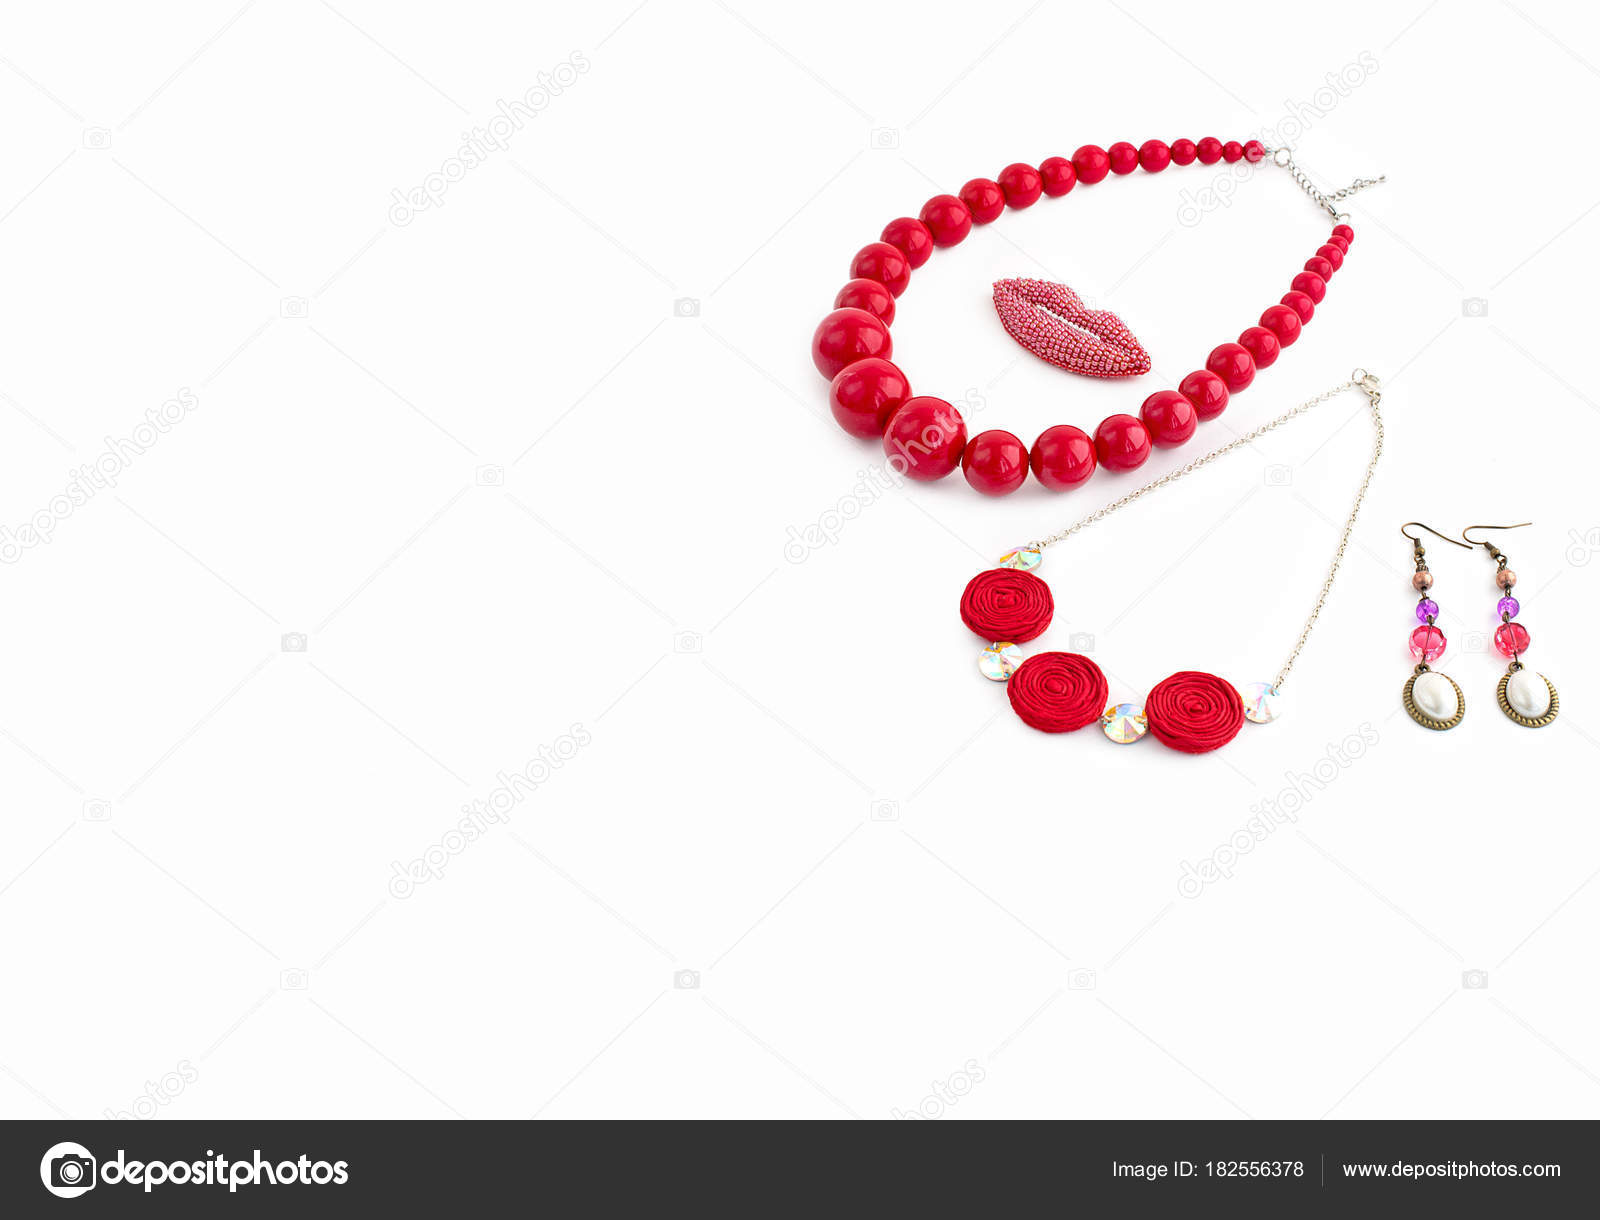 c29aa1486 Módní Šperky Pro Ženy Bílém Pozadí Náhrdelník Červený — Stock ...